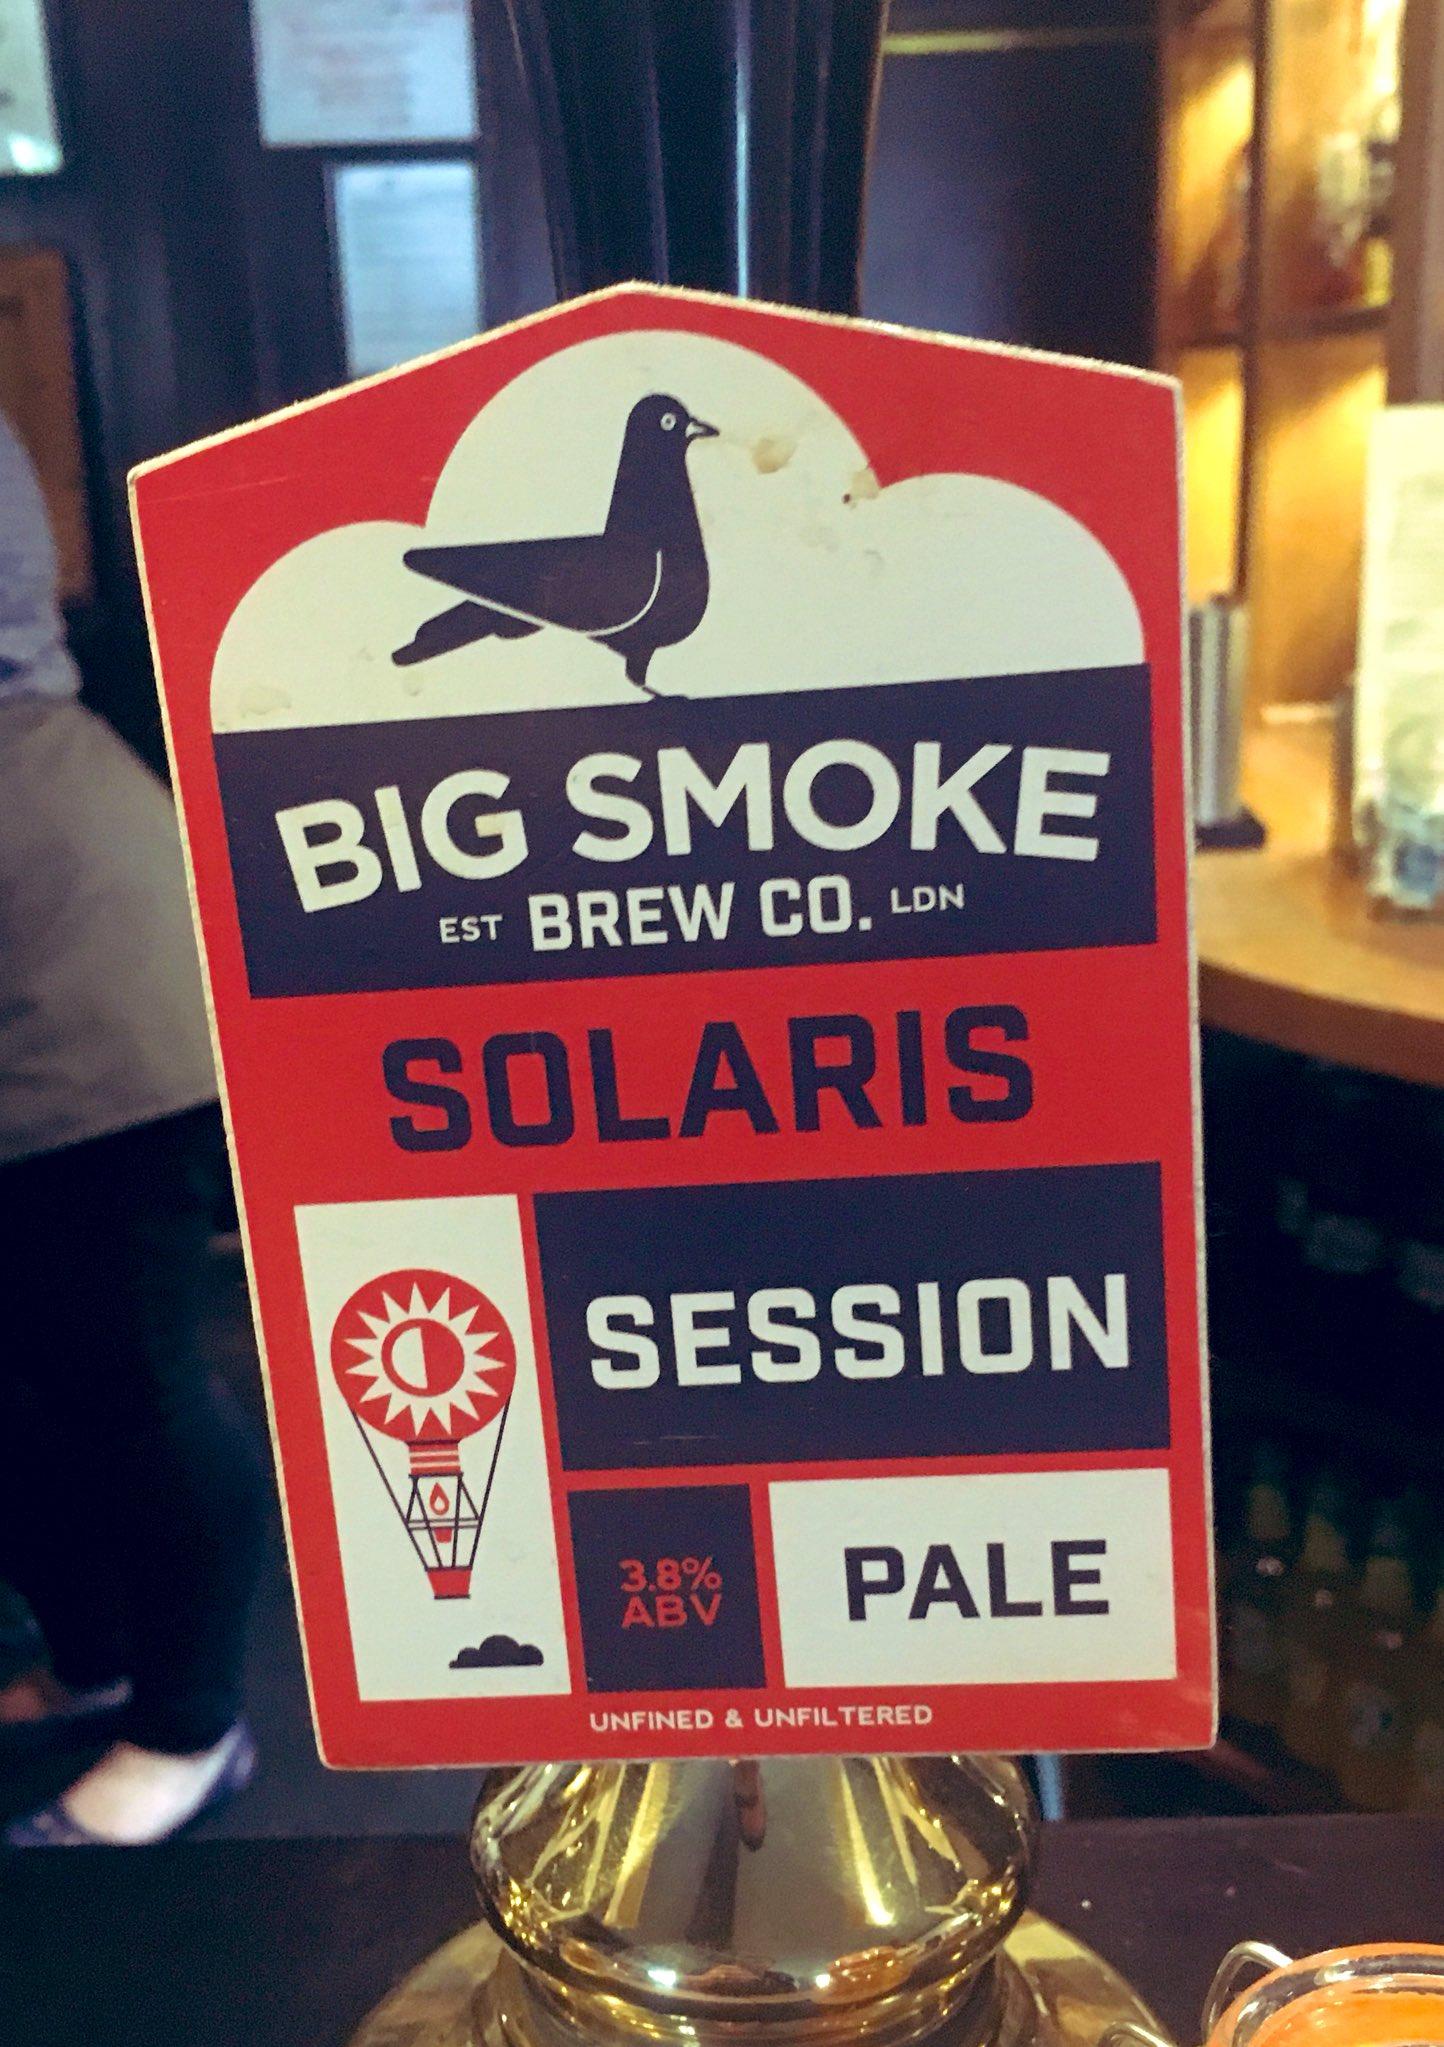 103: Solaris